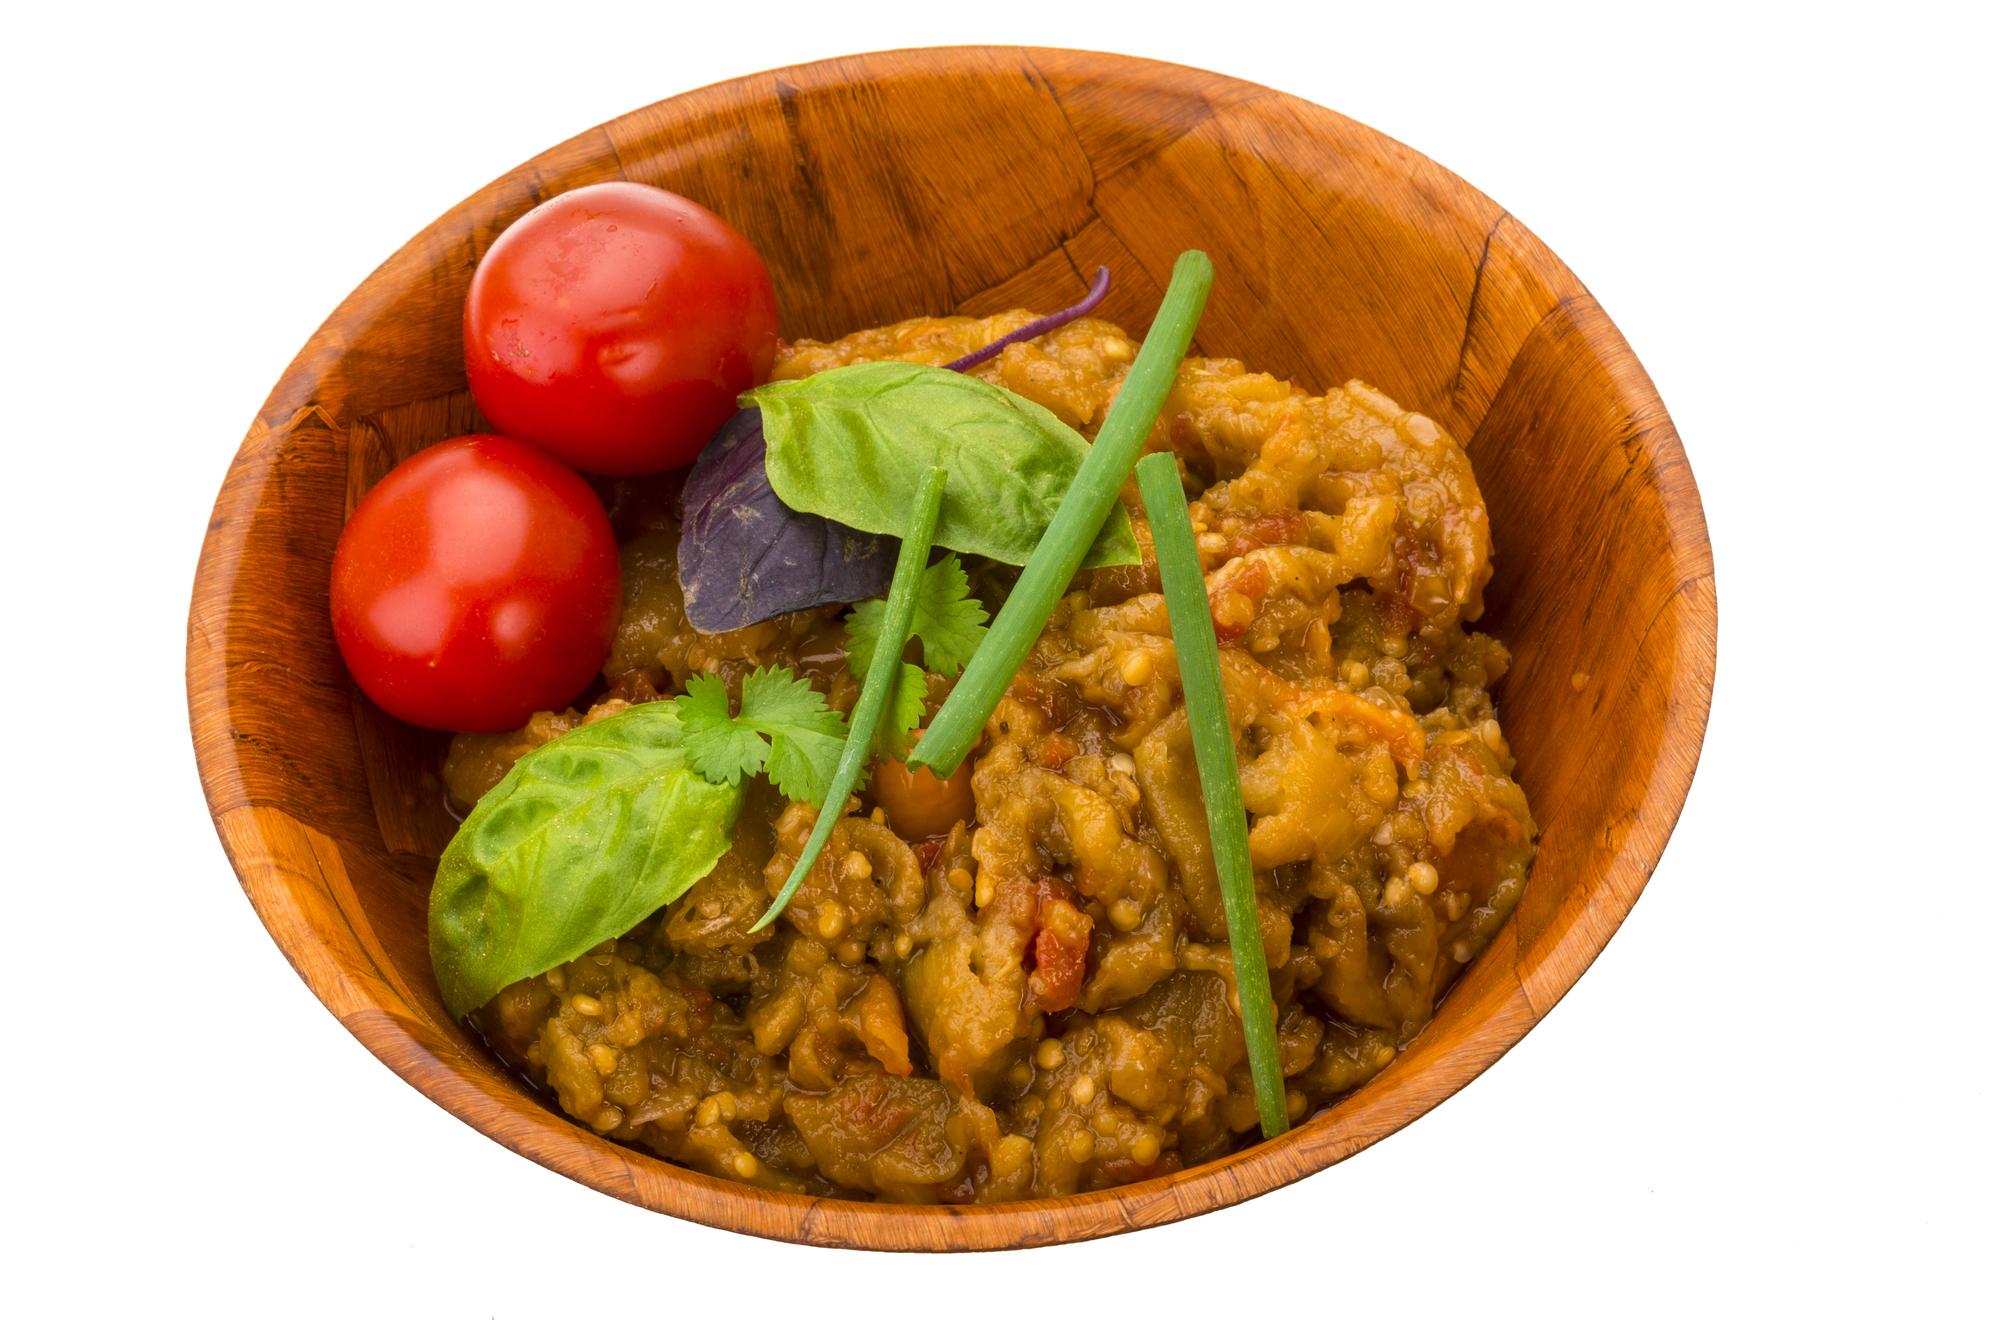 Рецепт на зиму: Баклажаны консервированные с фасолью